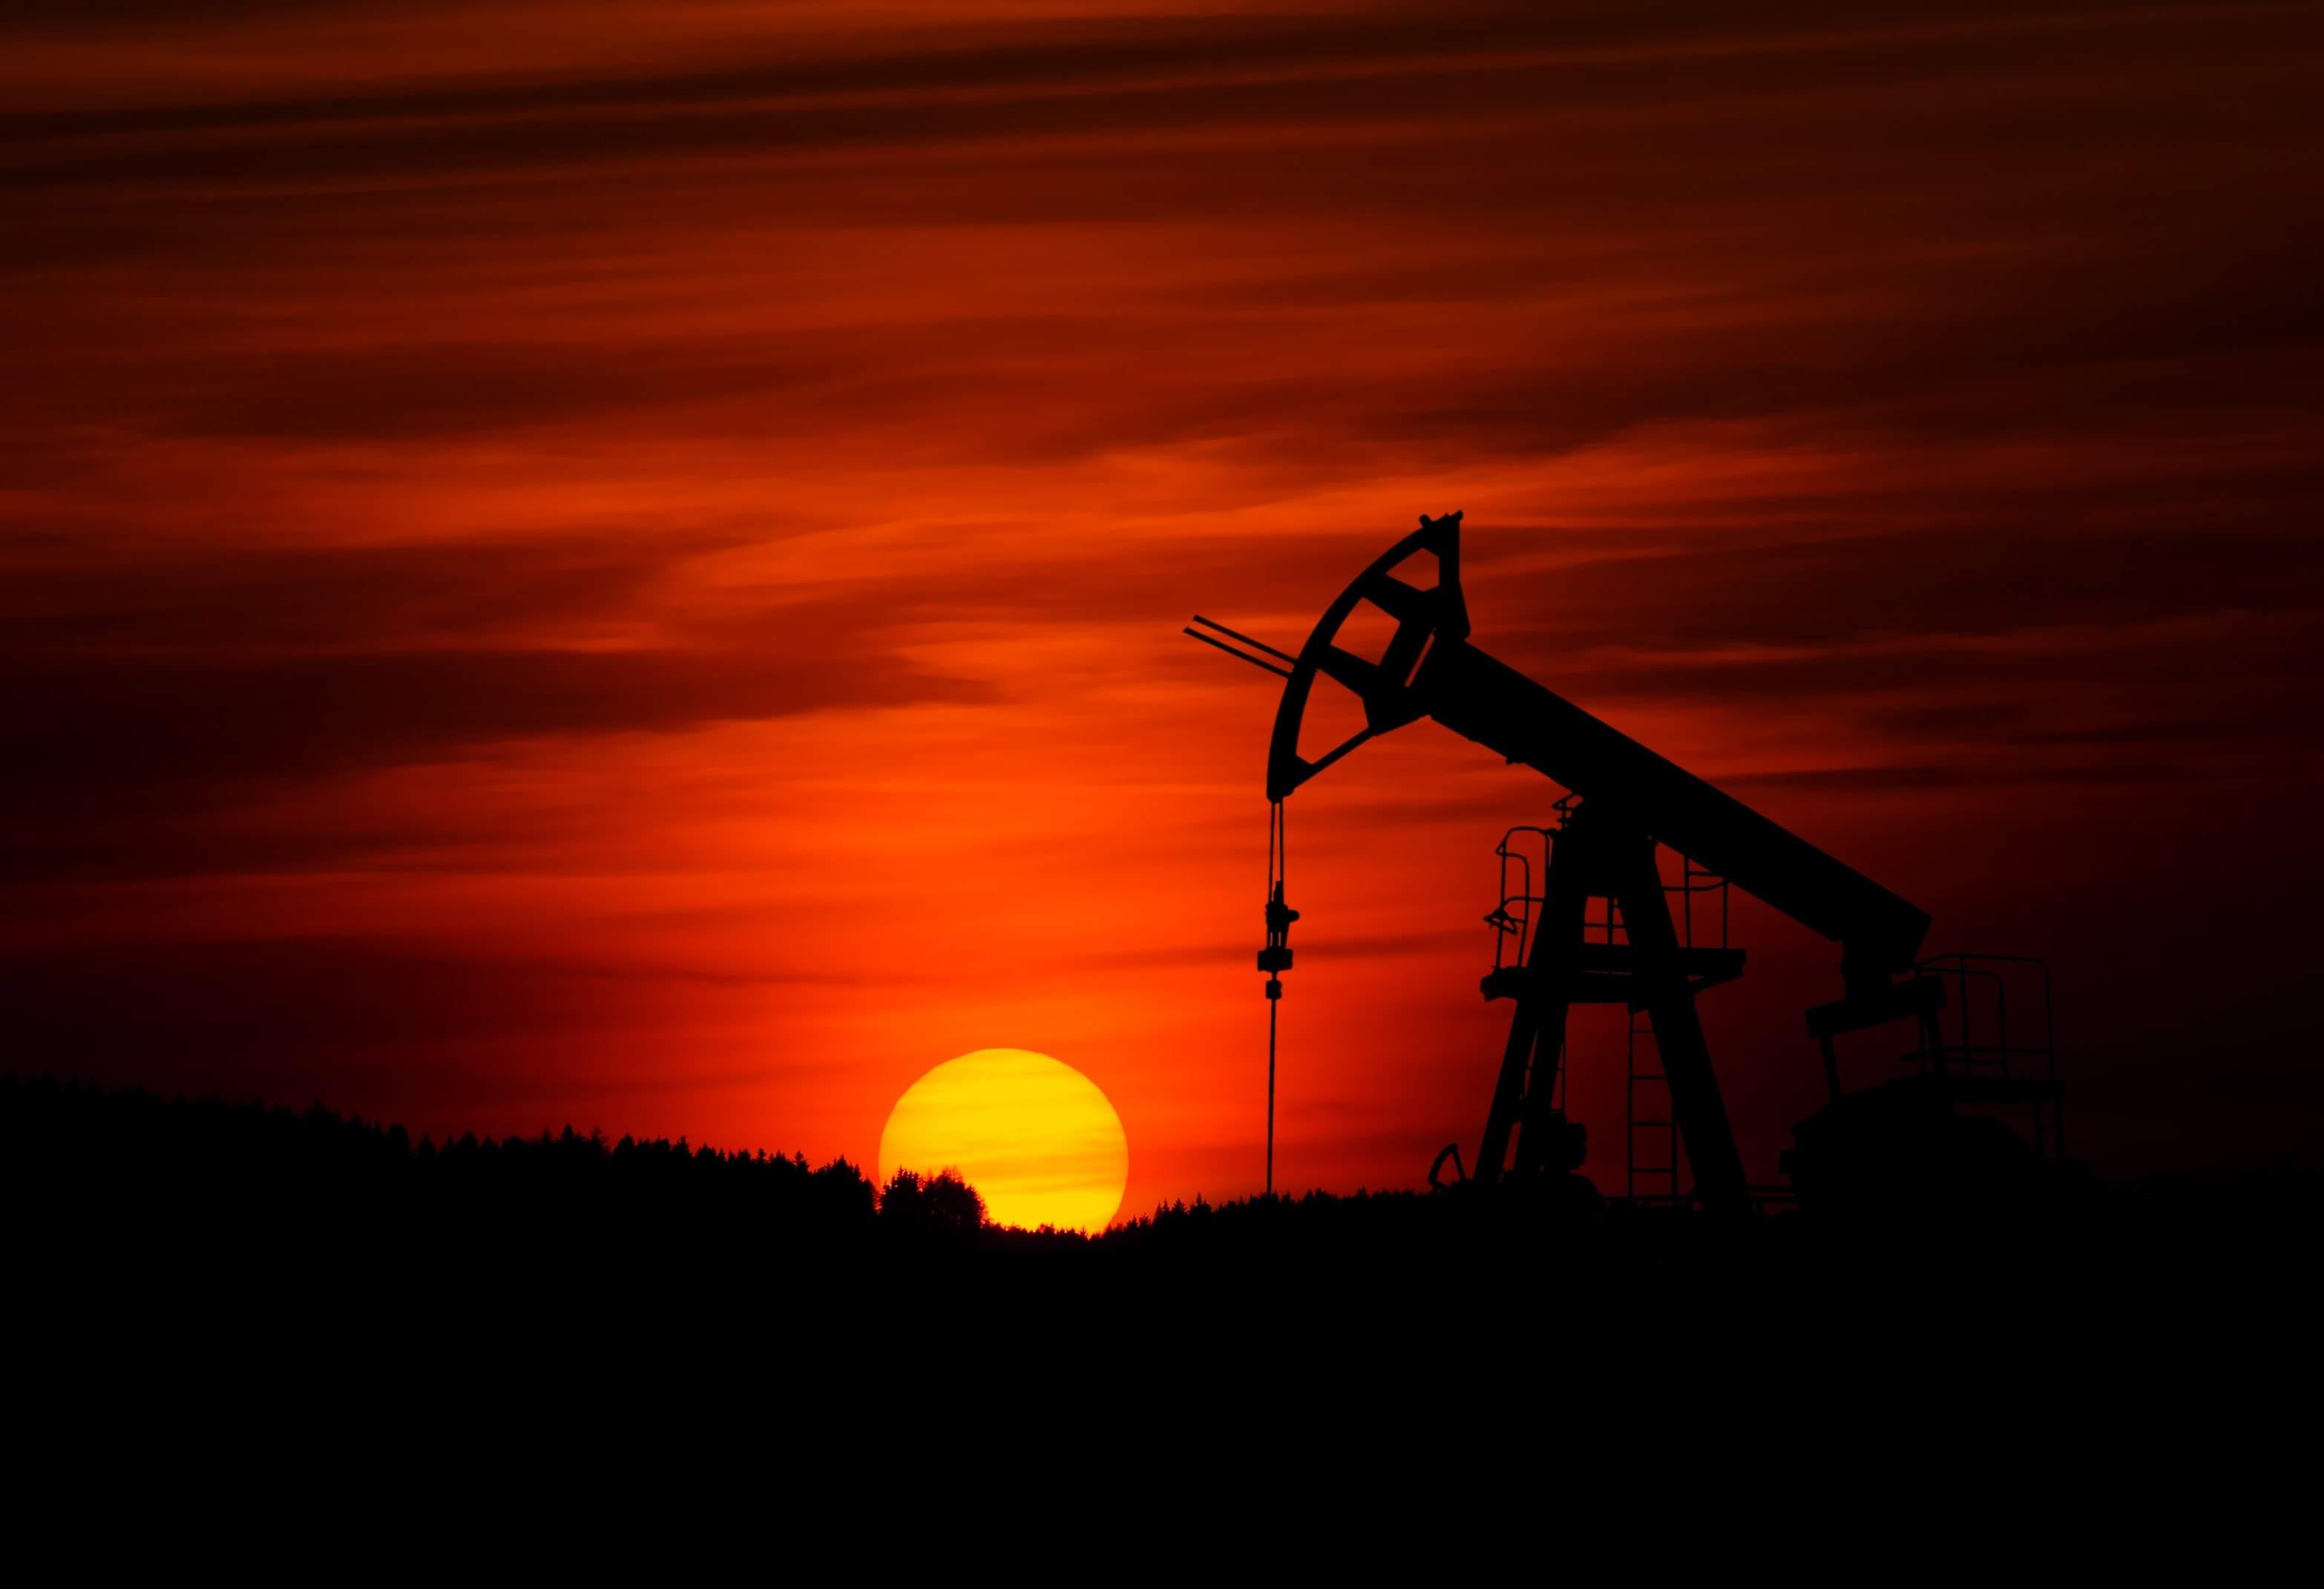 Ölpumpe vor Sonnenuntergang - Beispielfoto